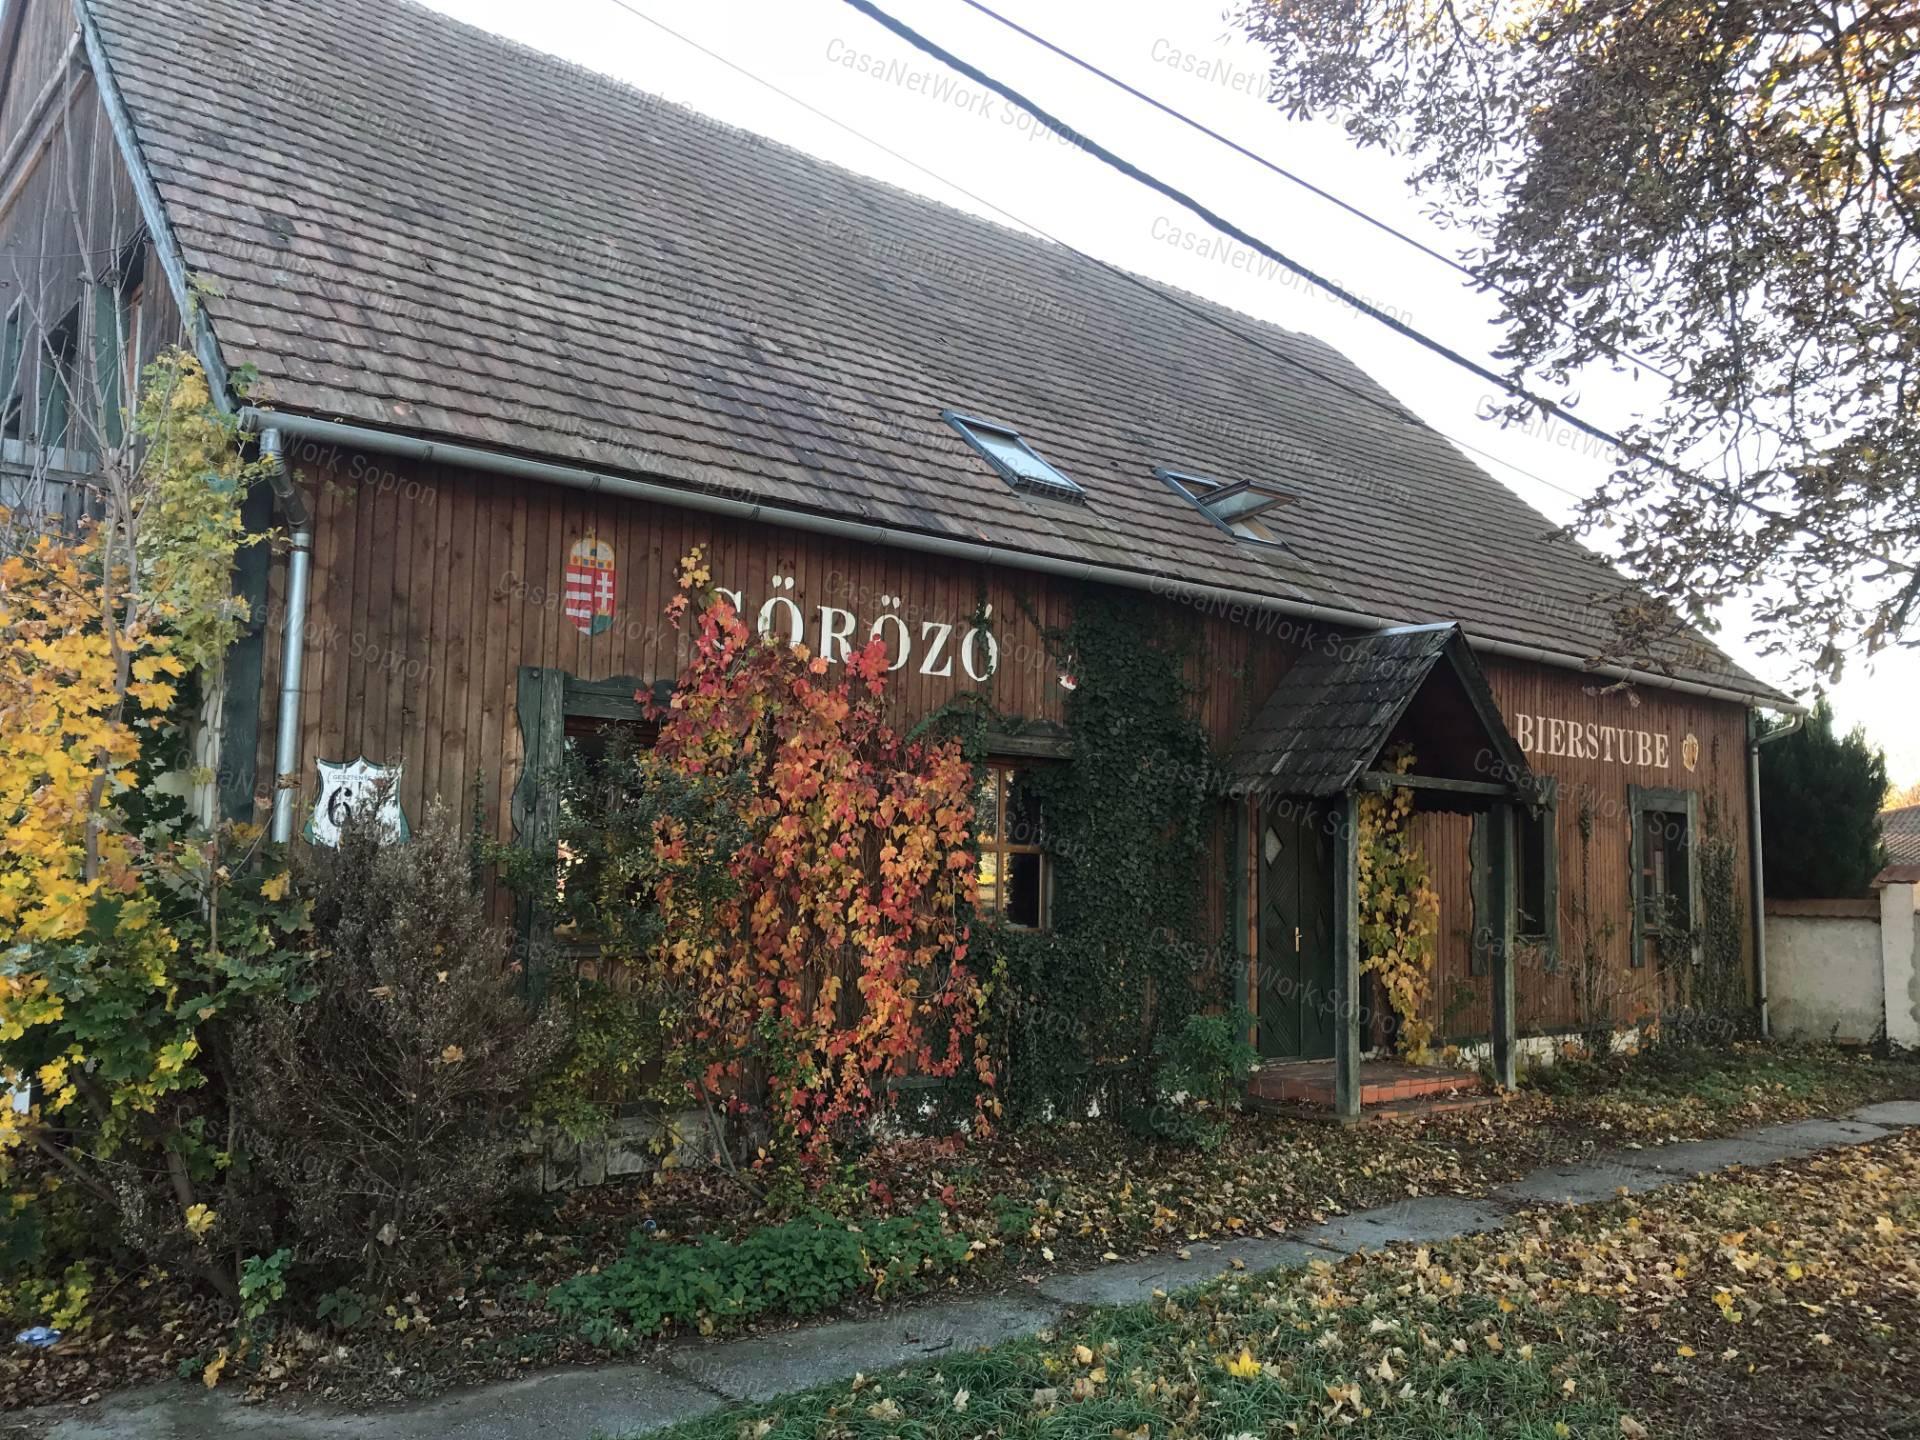 Eladó családi ház, Győr-Moson-Sopron megye, Fertőszentmiklós - sz.: 164301397 - CasaNetWork.hu